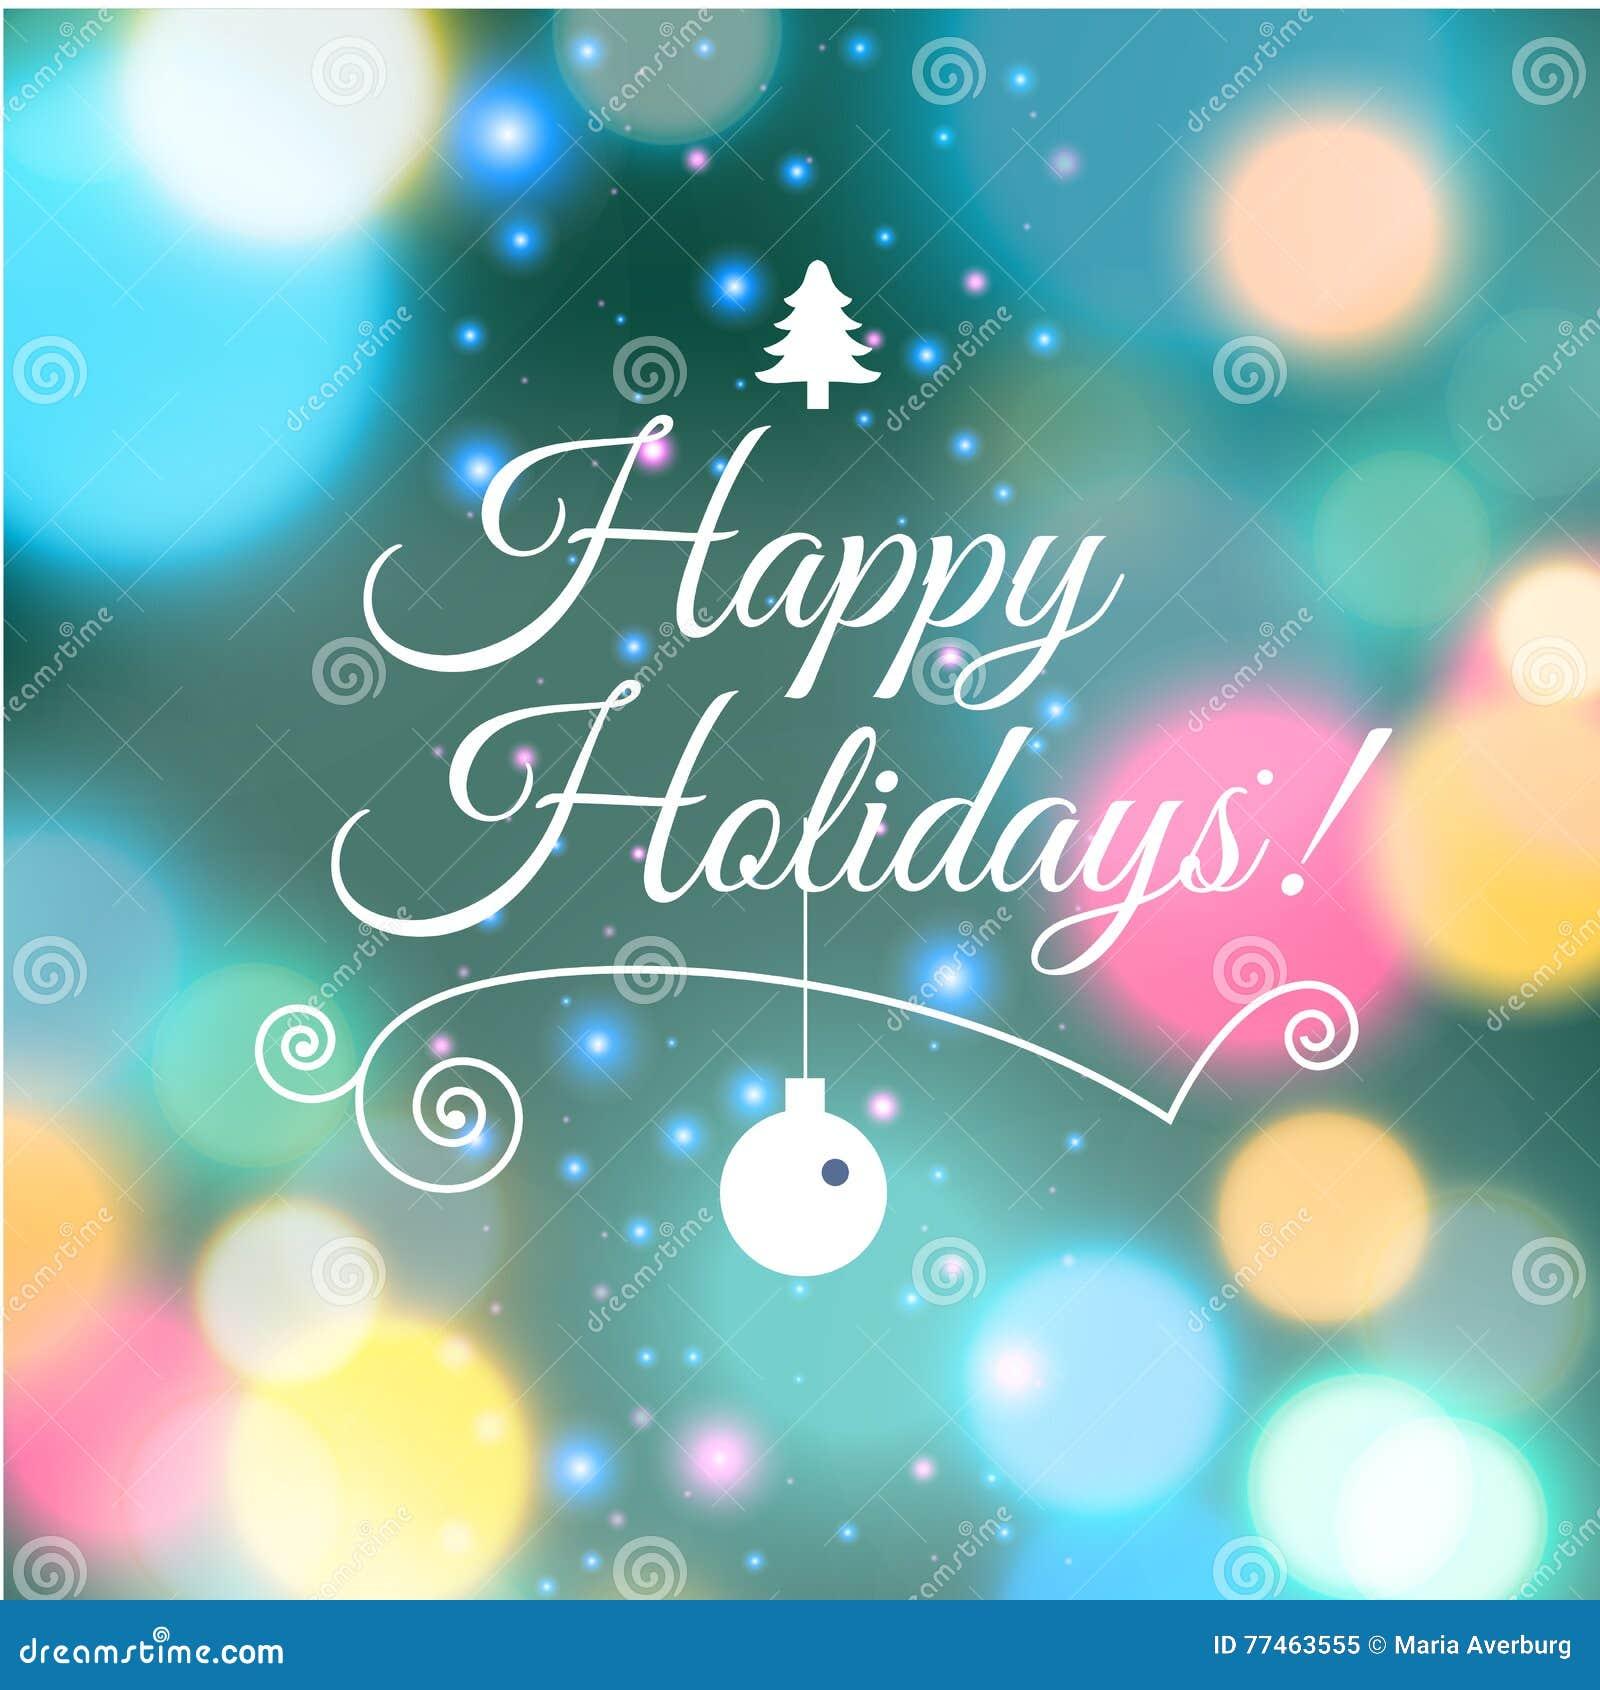 Merry christmas e card template vector illustration stock vector merry christmas e card template vector illustration 2017 typography kristyandbryce Gallery